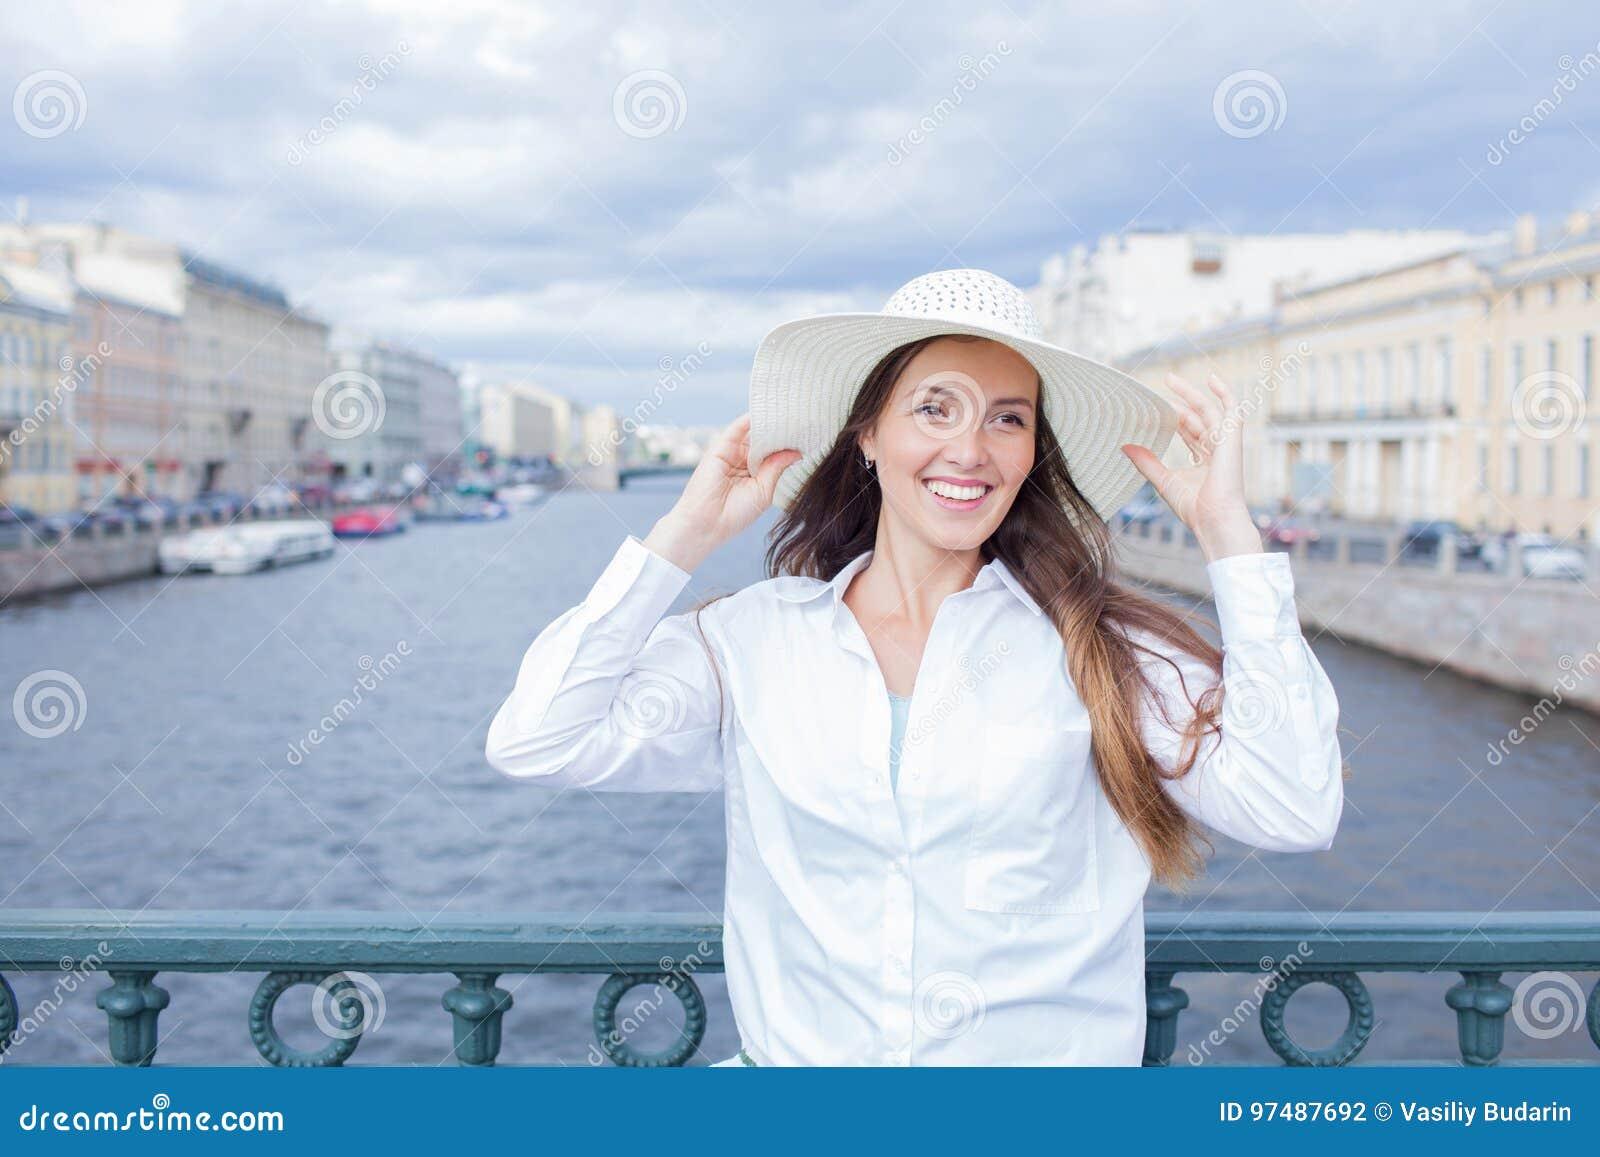 Una bella e ragazza sorridente in un cappello bianco con l ampio bordo sta stando sul ponte e sta parlando sul telefono contro il